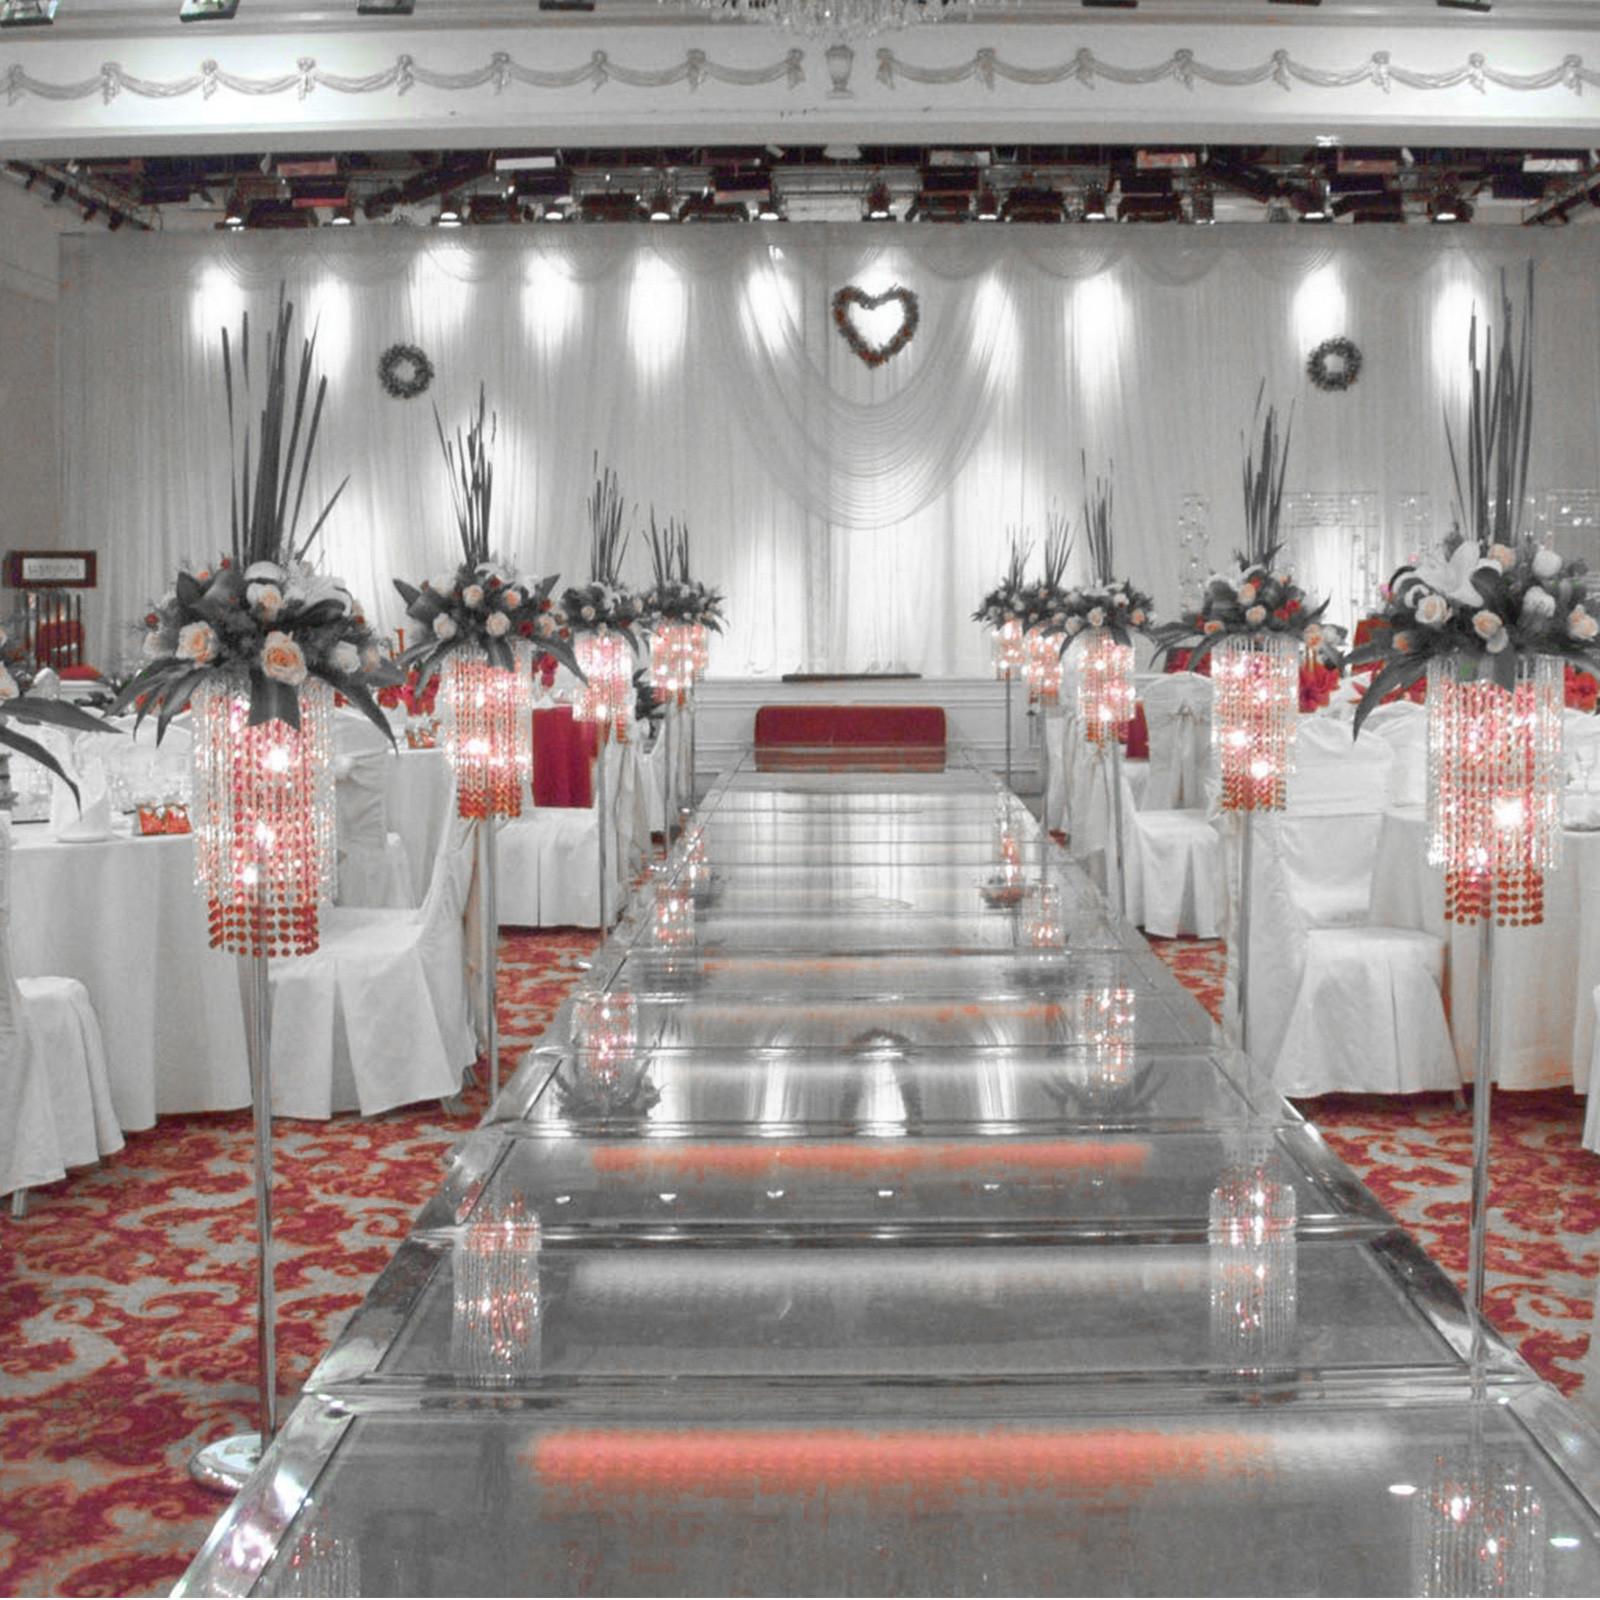 100PCS-Ruban-Noeud-de-Chaise-Housse-Echarpe-Decoration-Fete-Mariage-Restaurant miniature 84